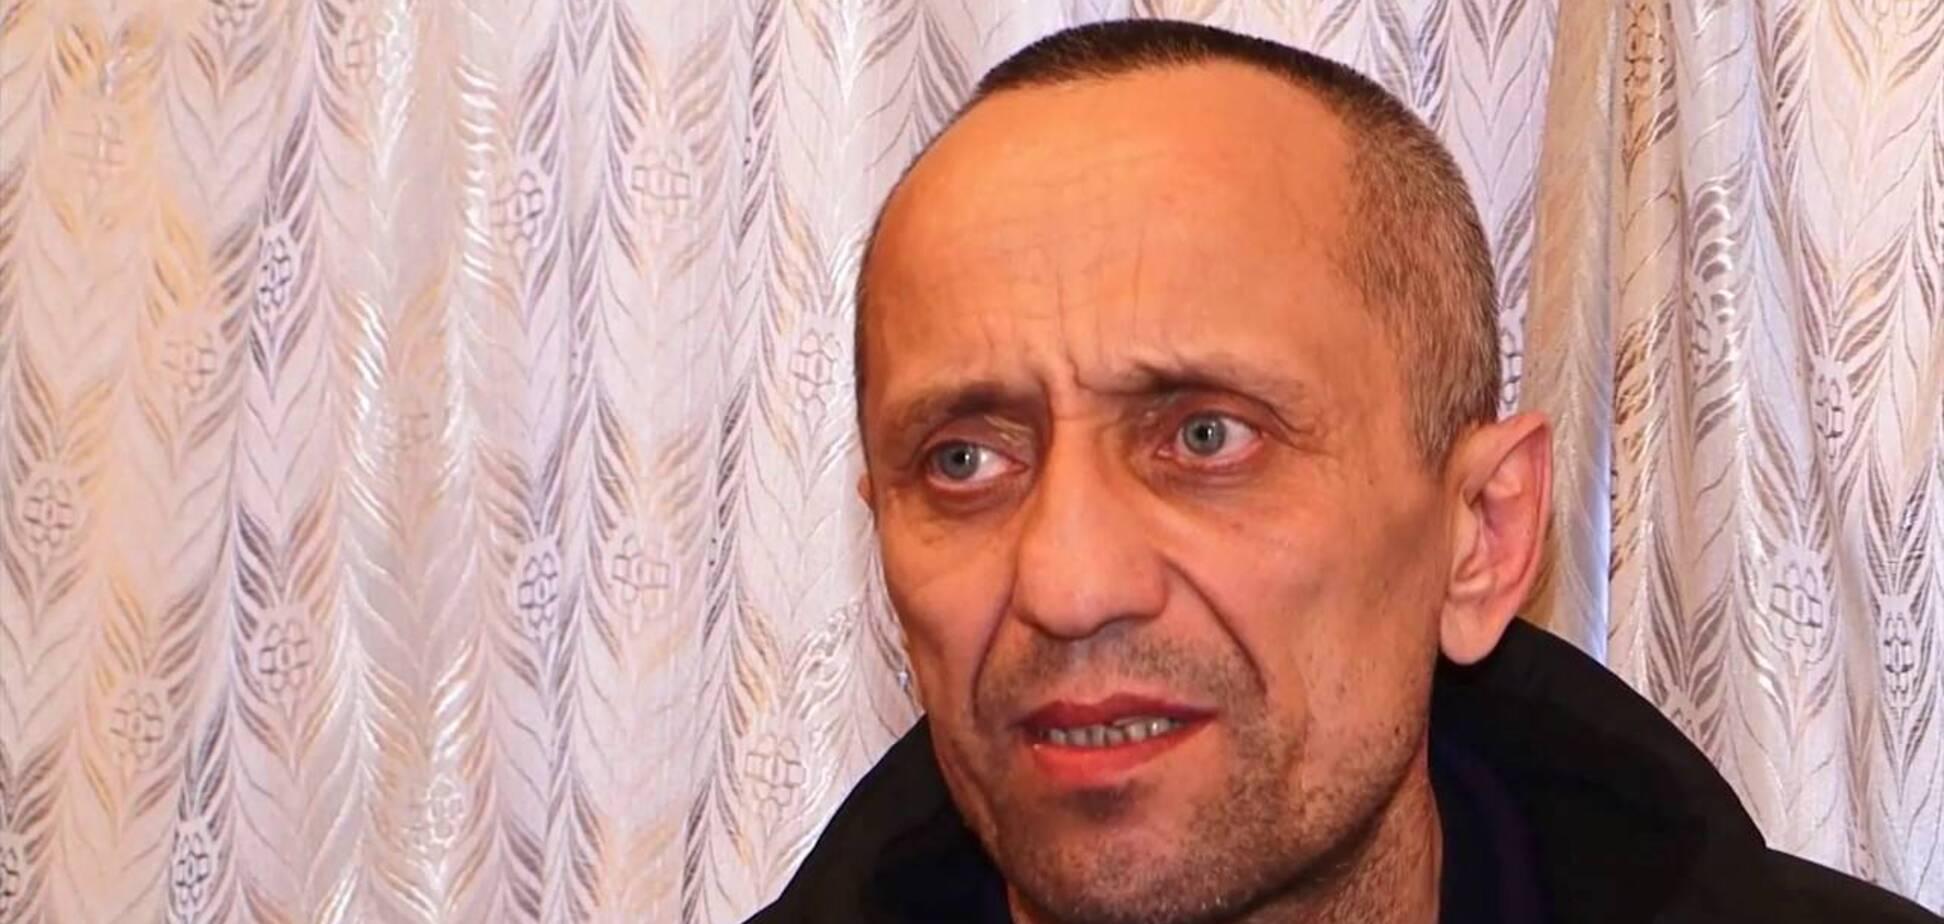 'Ангарский маньяк' из РФ, на счету которого около ста убийств женщин, признался в новых расправах